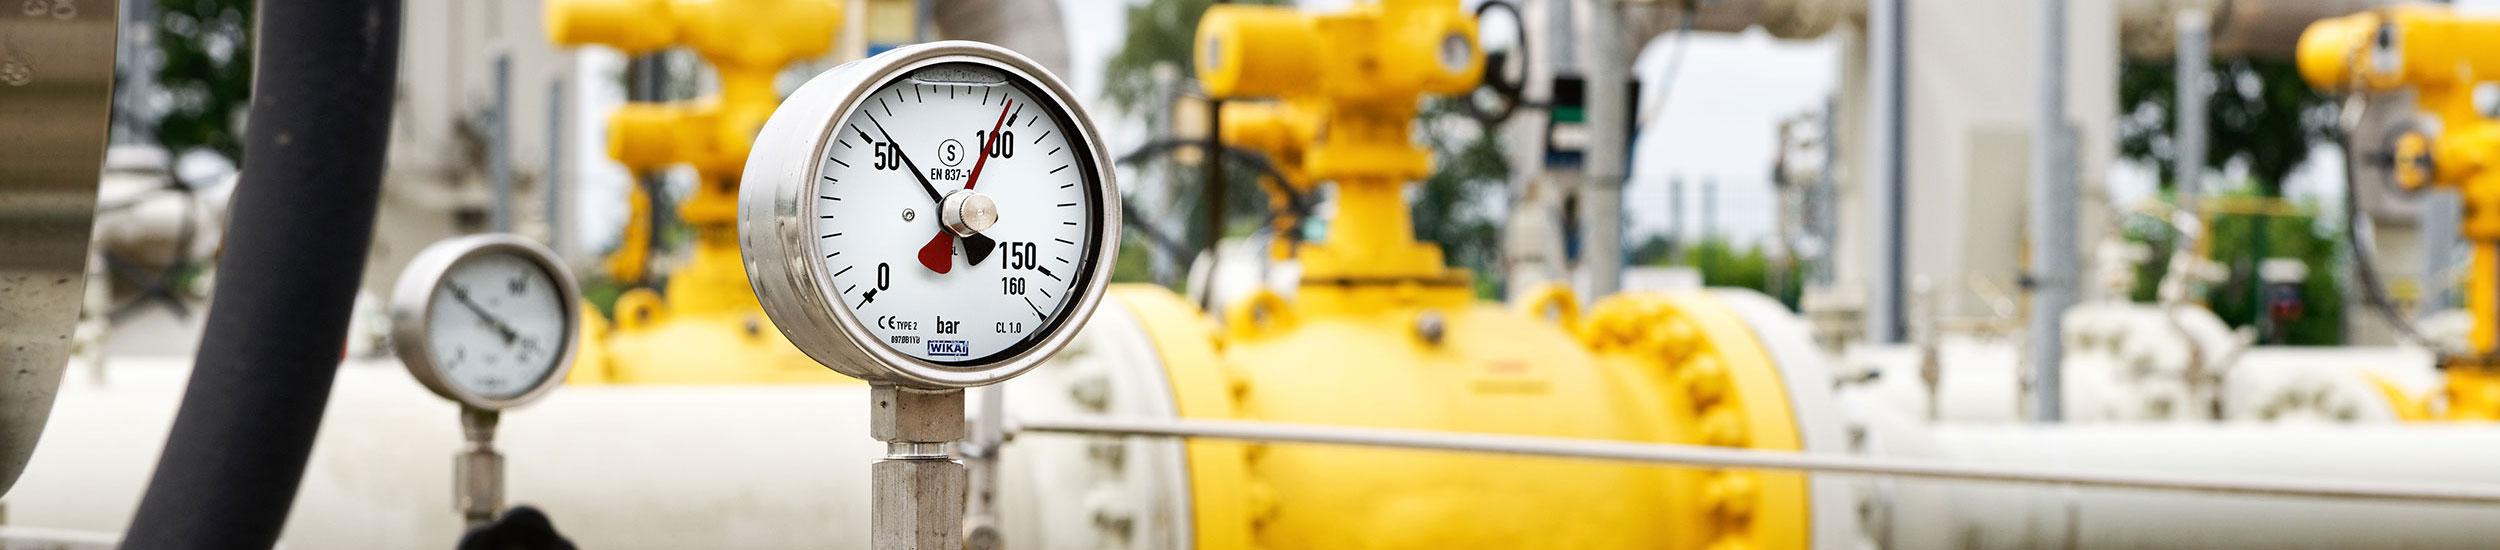 Nowega betreibt und vermarktet als Fernleitungsnetzbetreiber rund 1.500 km Gashochdruckleitungen.